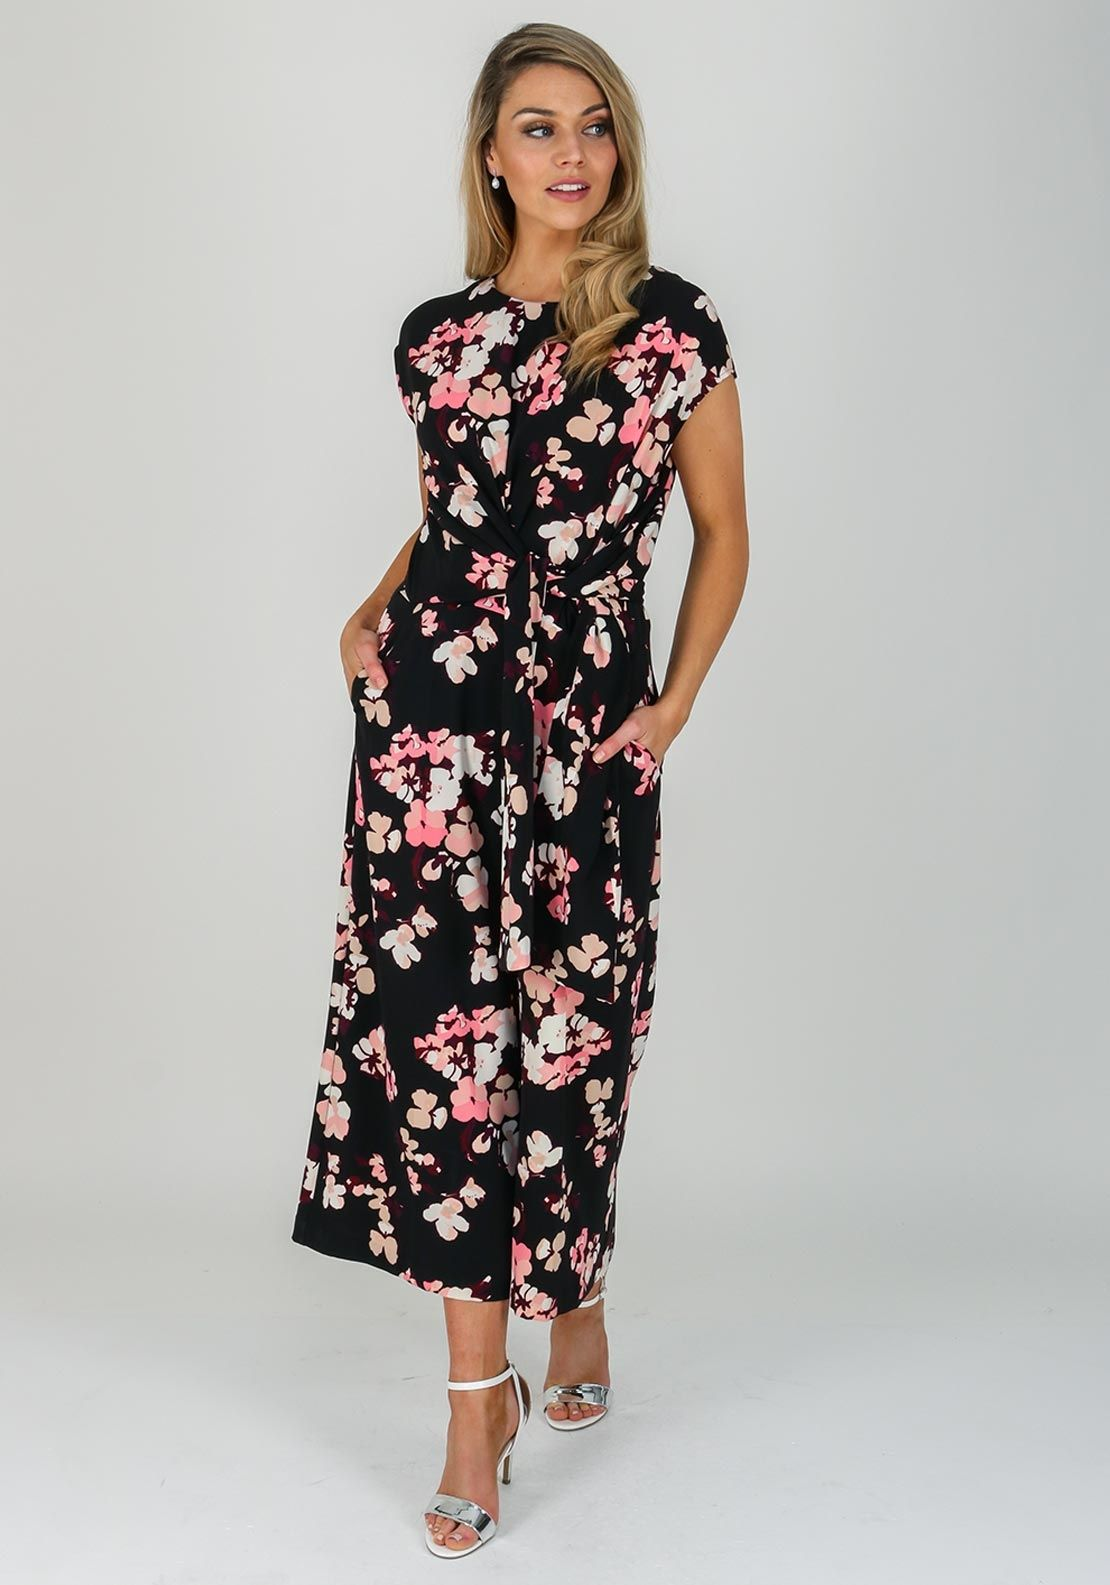 026381156304 Inwear Zhen Floral Wide Leg Jumpsuit